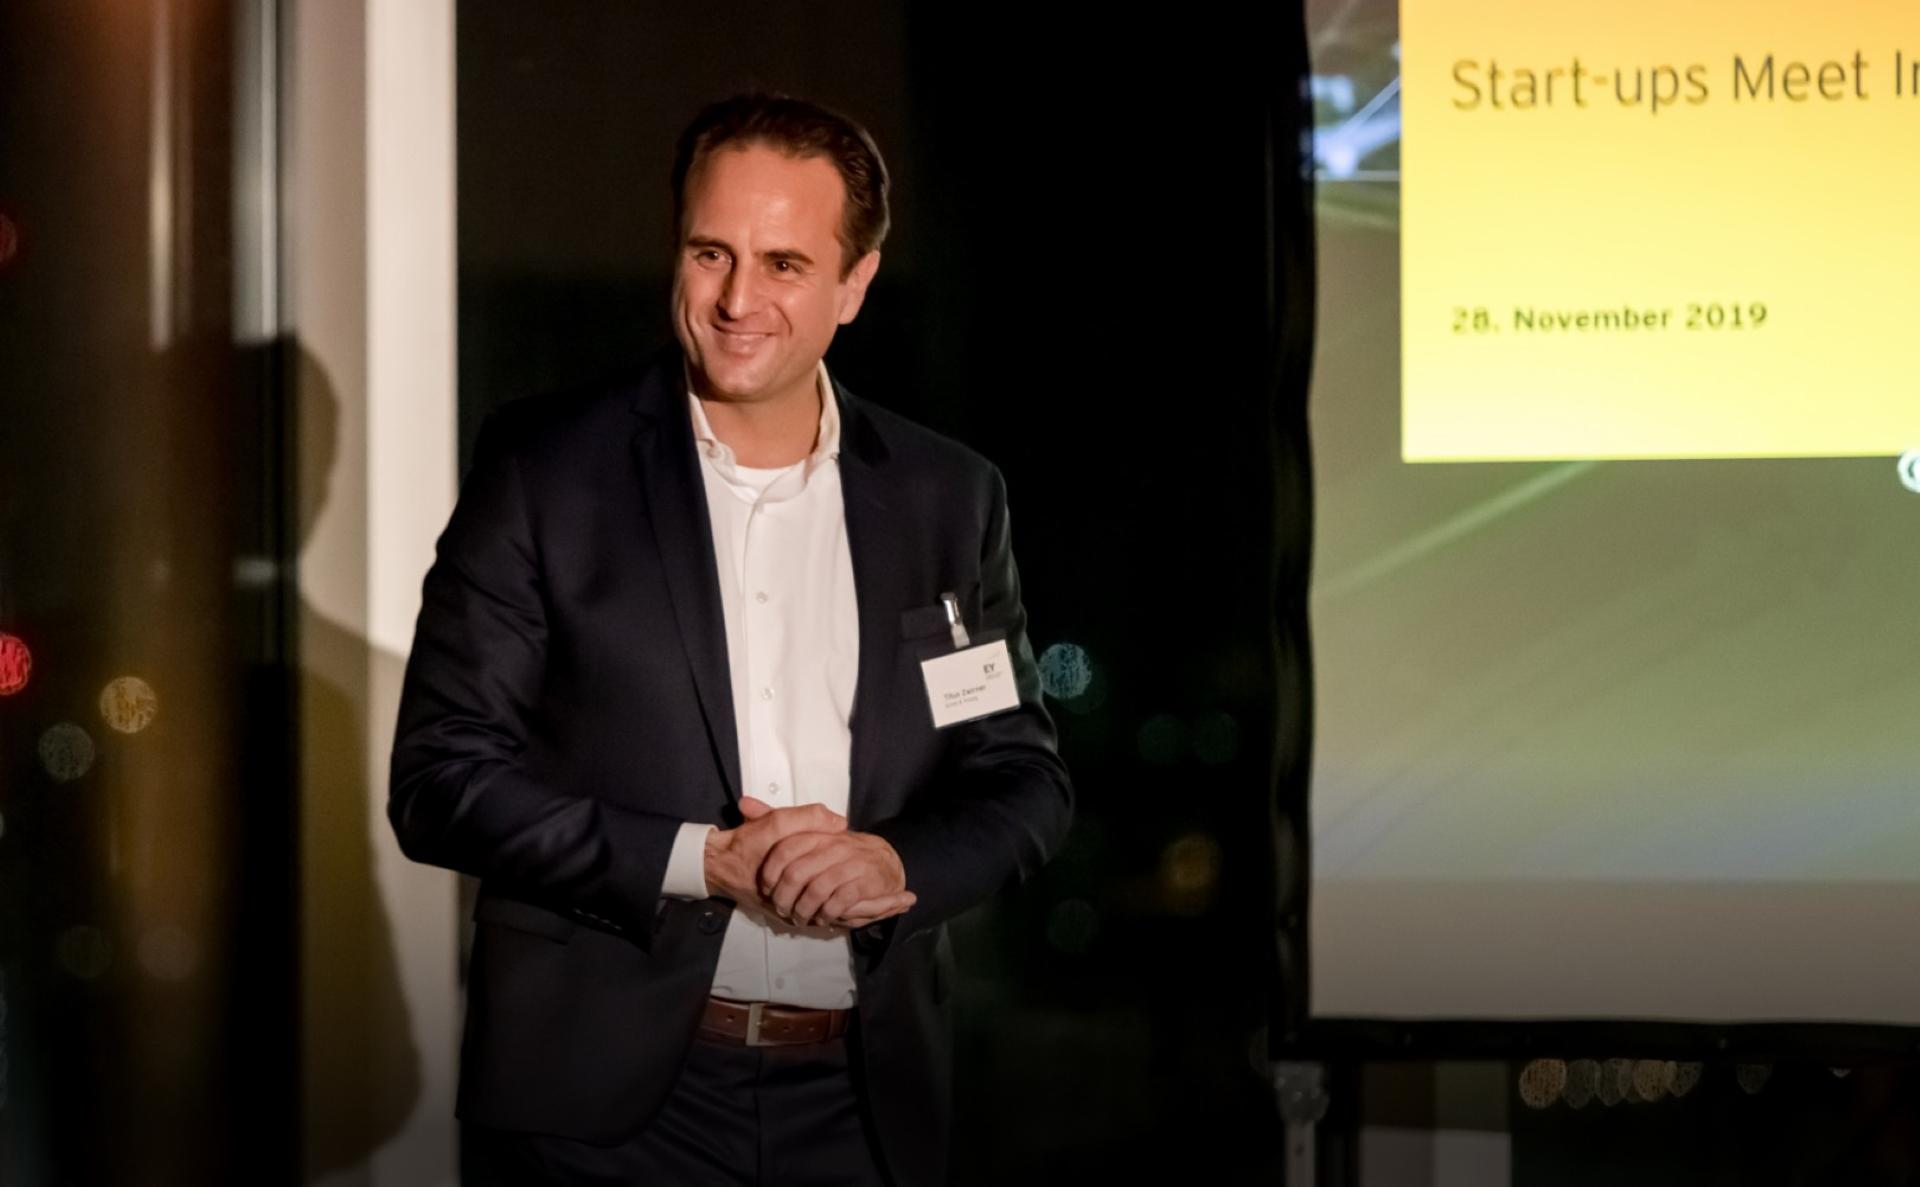 startups_meet_investors_1920